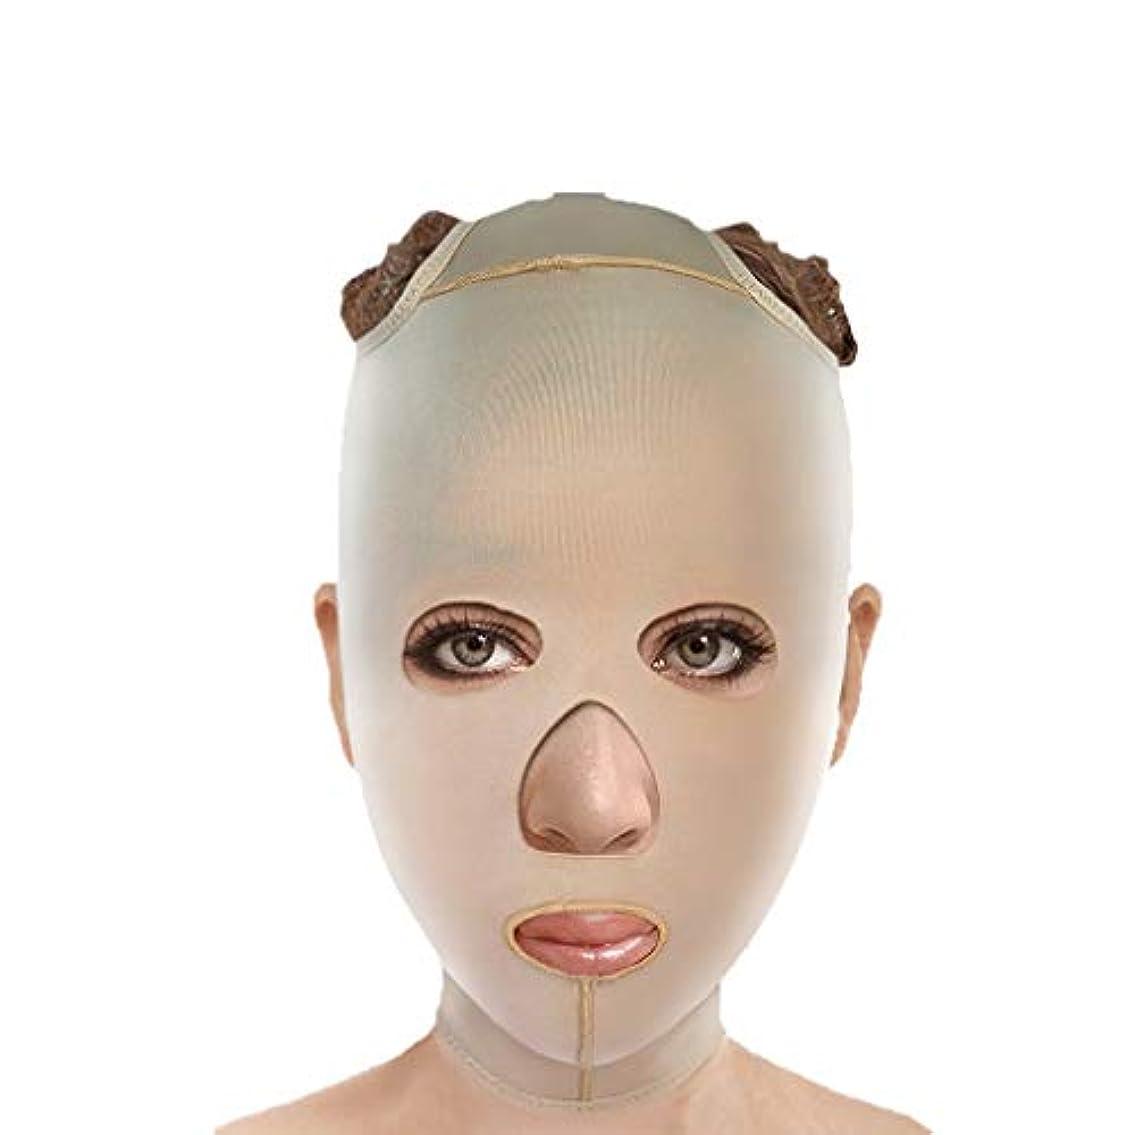 チャーター資格摂動LJK あごのストラップ、フェイスリフティング、アンチエイジングフェイシャルバンデージ、フェイシャル減量マスク、ファーミングマスク、フェイシャルリフティングアーティファクト (Size : XL)